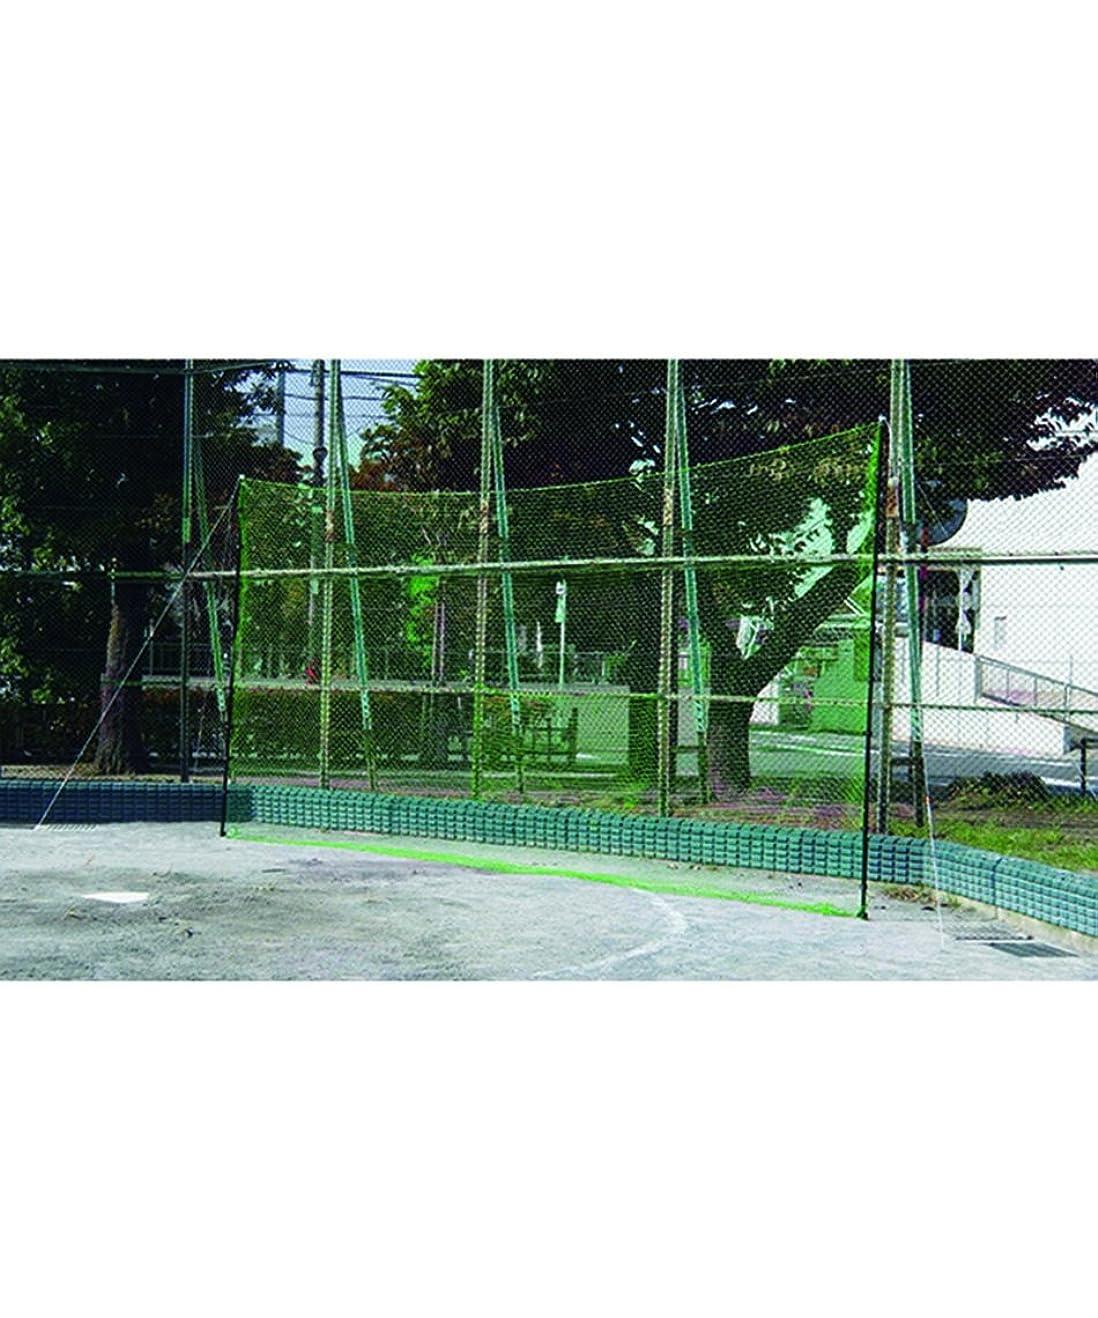 実行可能ストロークジャンク(ビジョンクエスト) VISION QUEST 野球/ソフトボール トレーニング用品 バックネット6×3 VQ550411E01